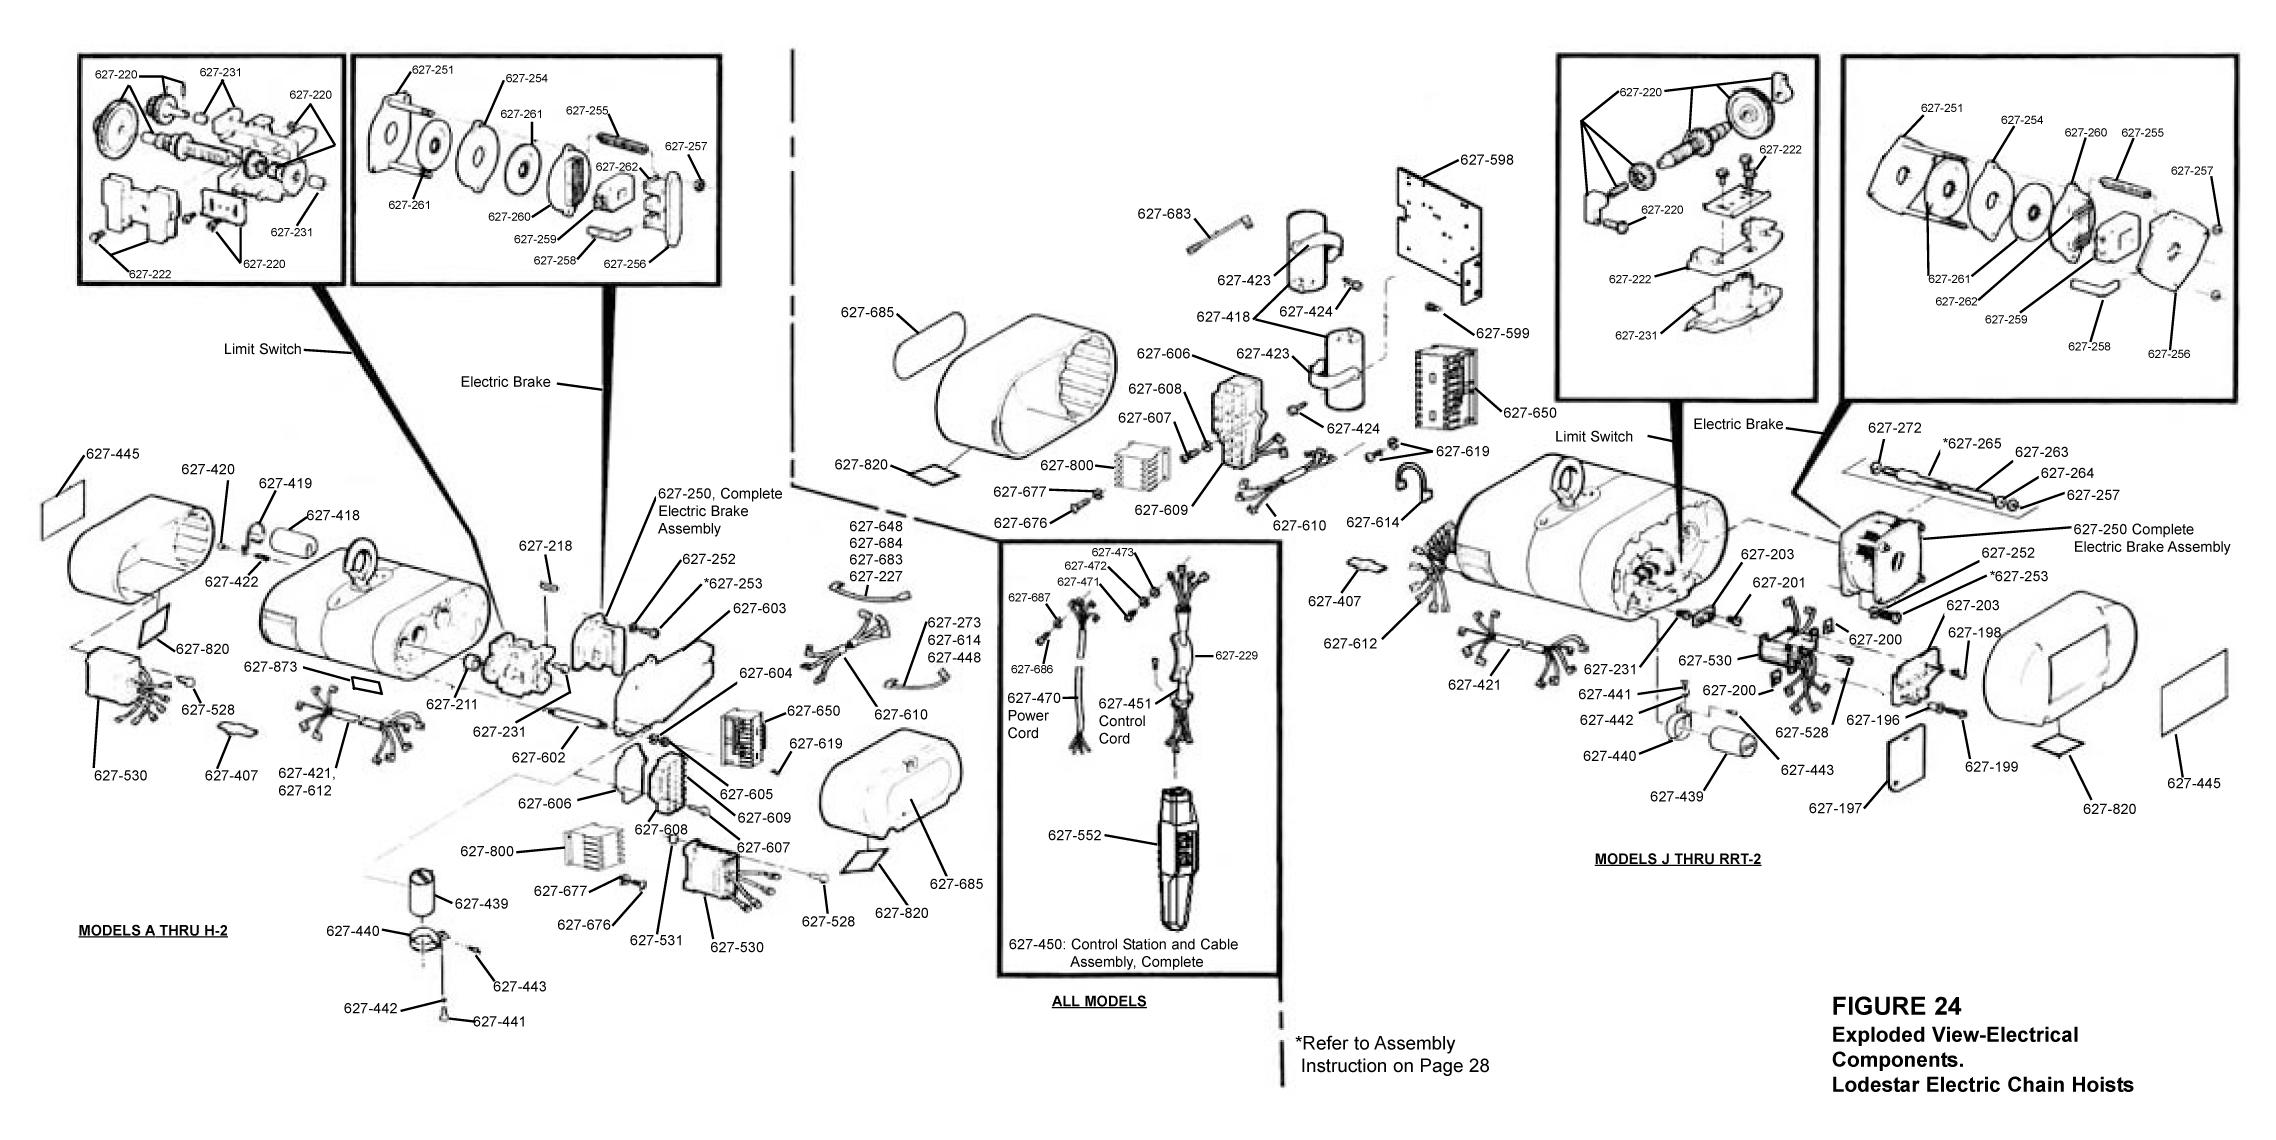 xf_1564] cm hoist wiring diagram cm hoist wiring diagram manual chain hoist  download diagram  proe hison ospor tool tixat mohammedshrine librar wiring 101